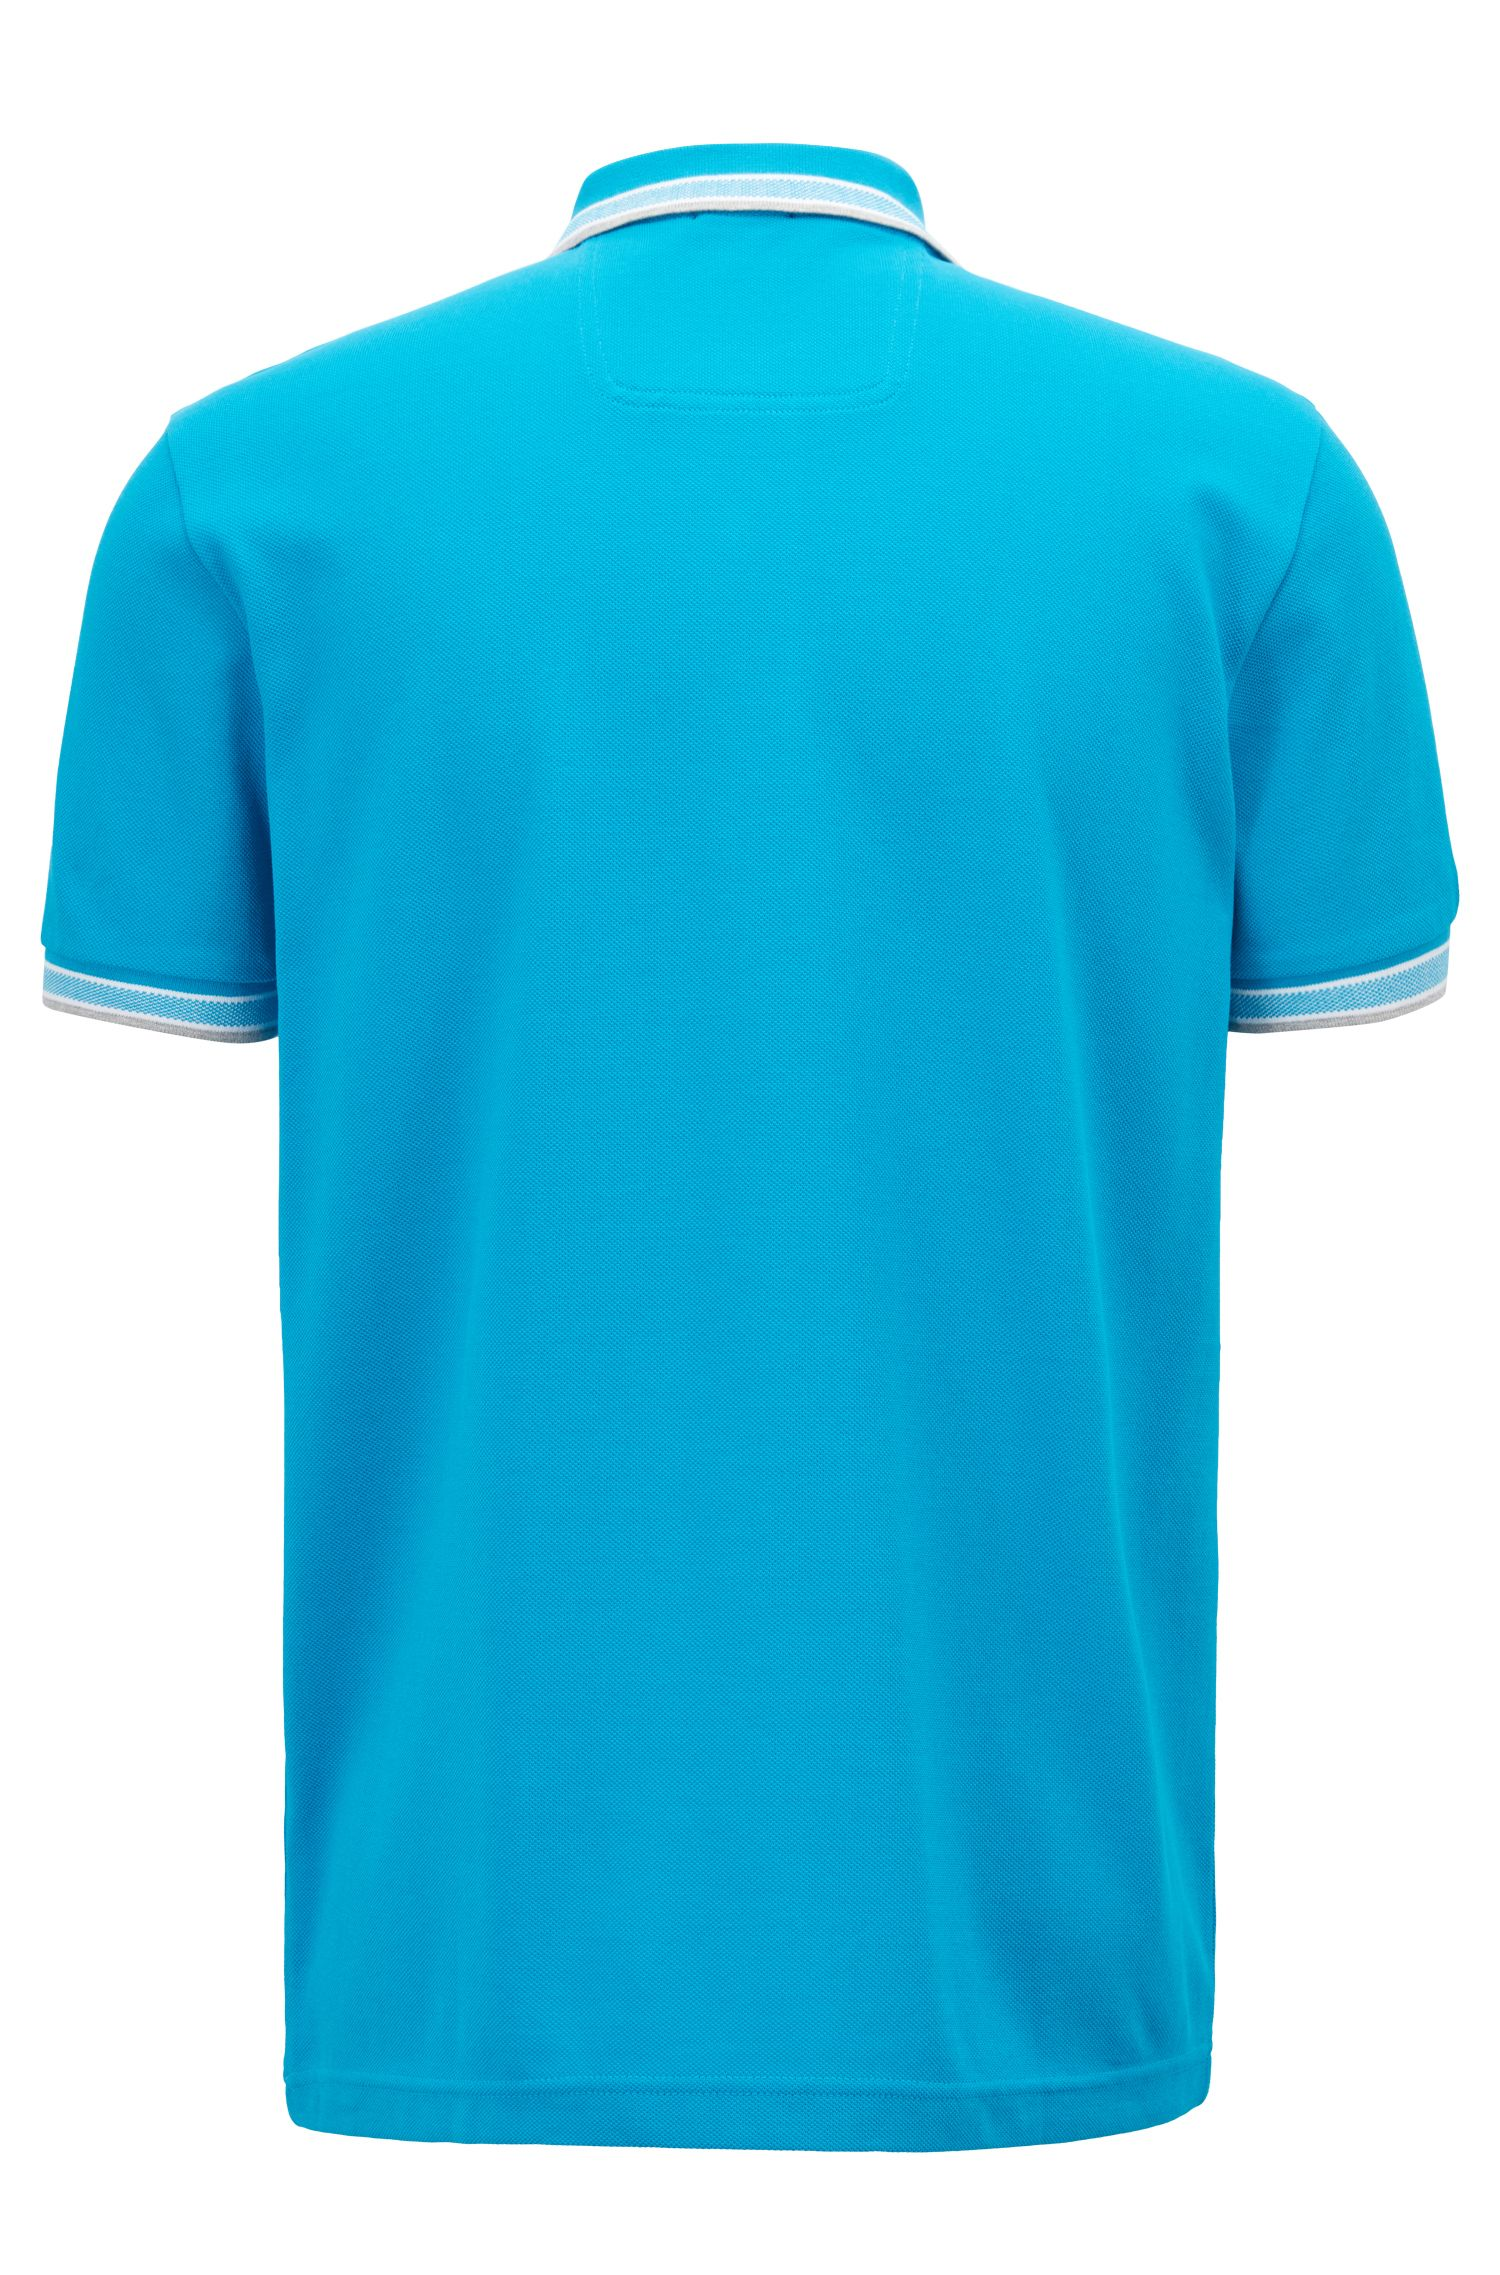 Cotton-piqué polo shirt with logo undercollar, Blue